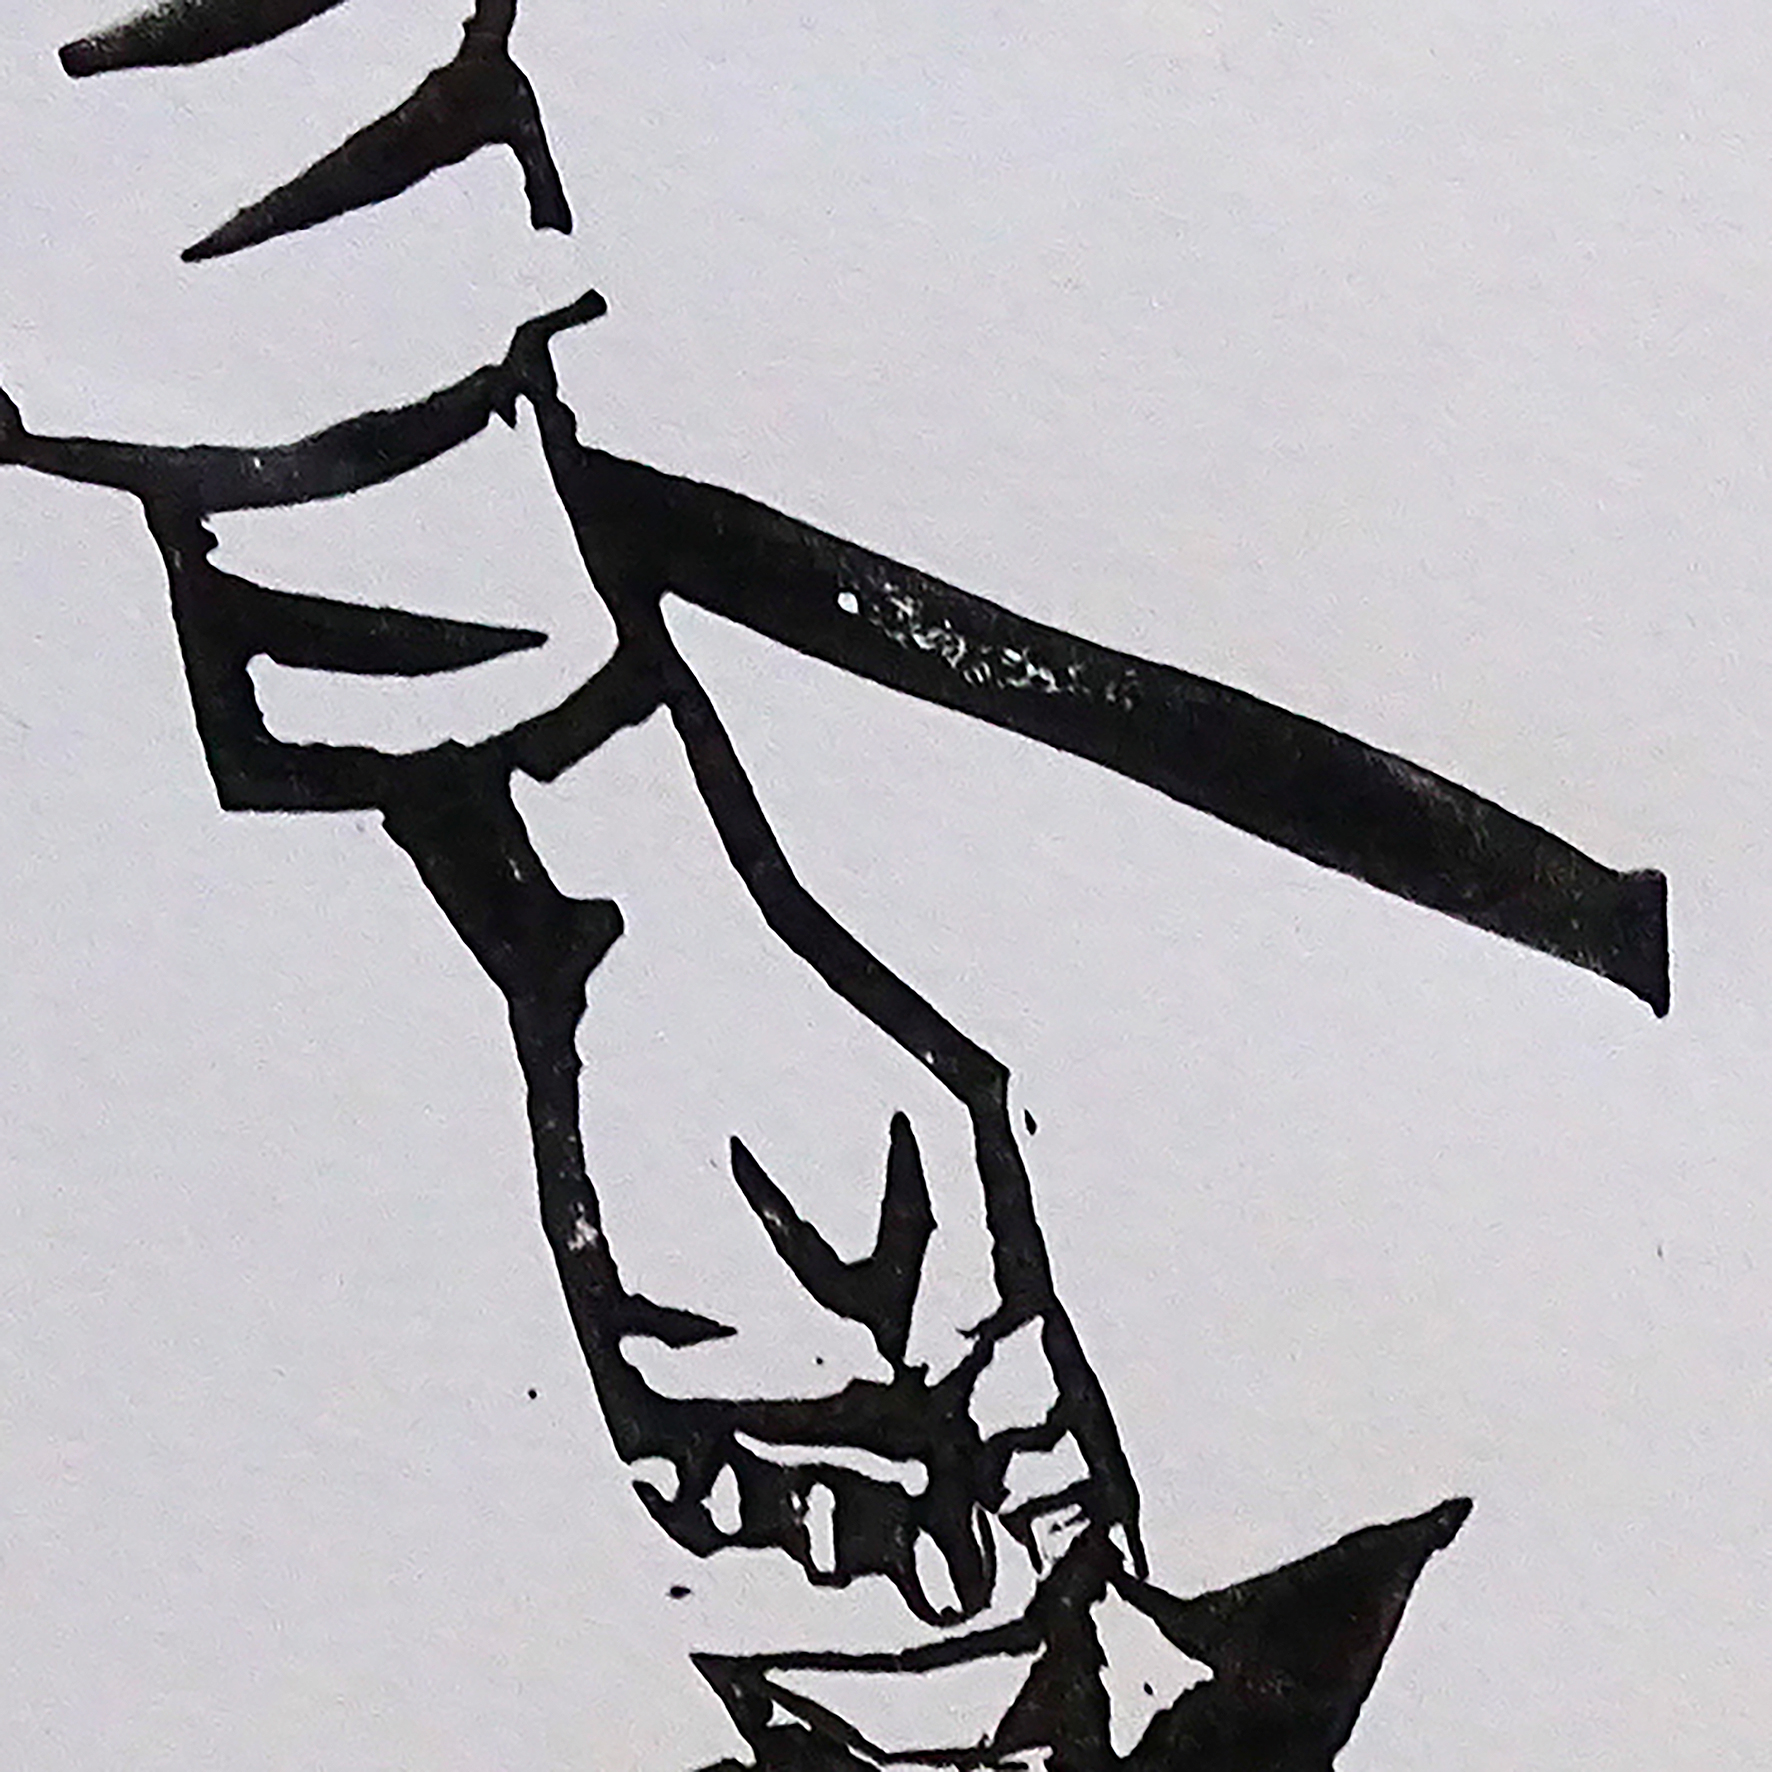 """""""Vive la pluie III"""" détail ©Julia Ratsimandresy / Linogravure encre noire sur papier / 50€ hors fdp"""